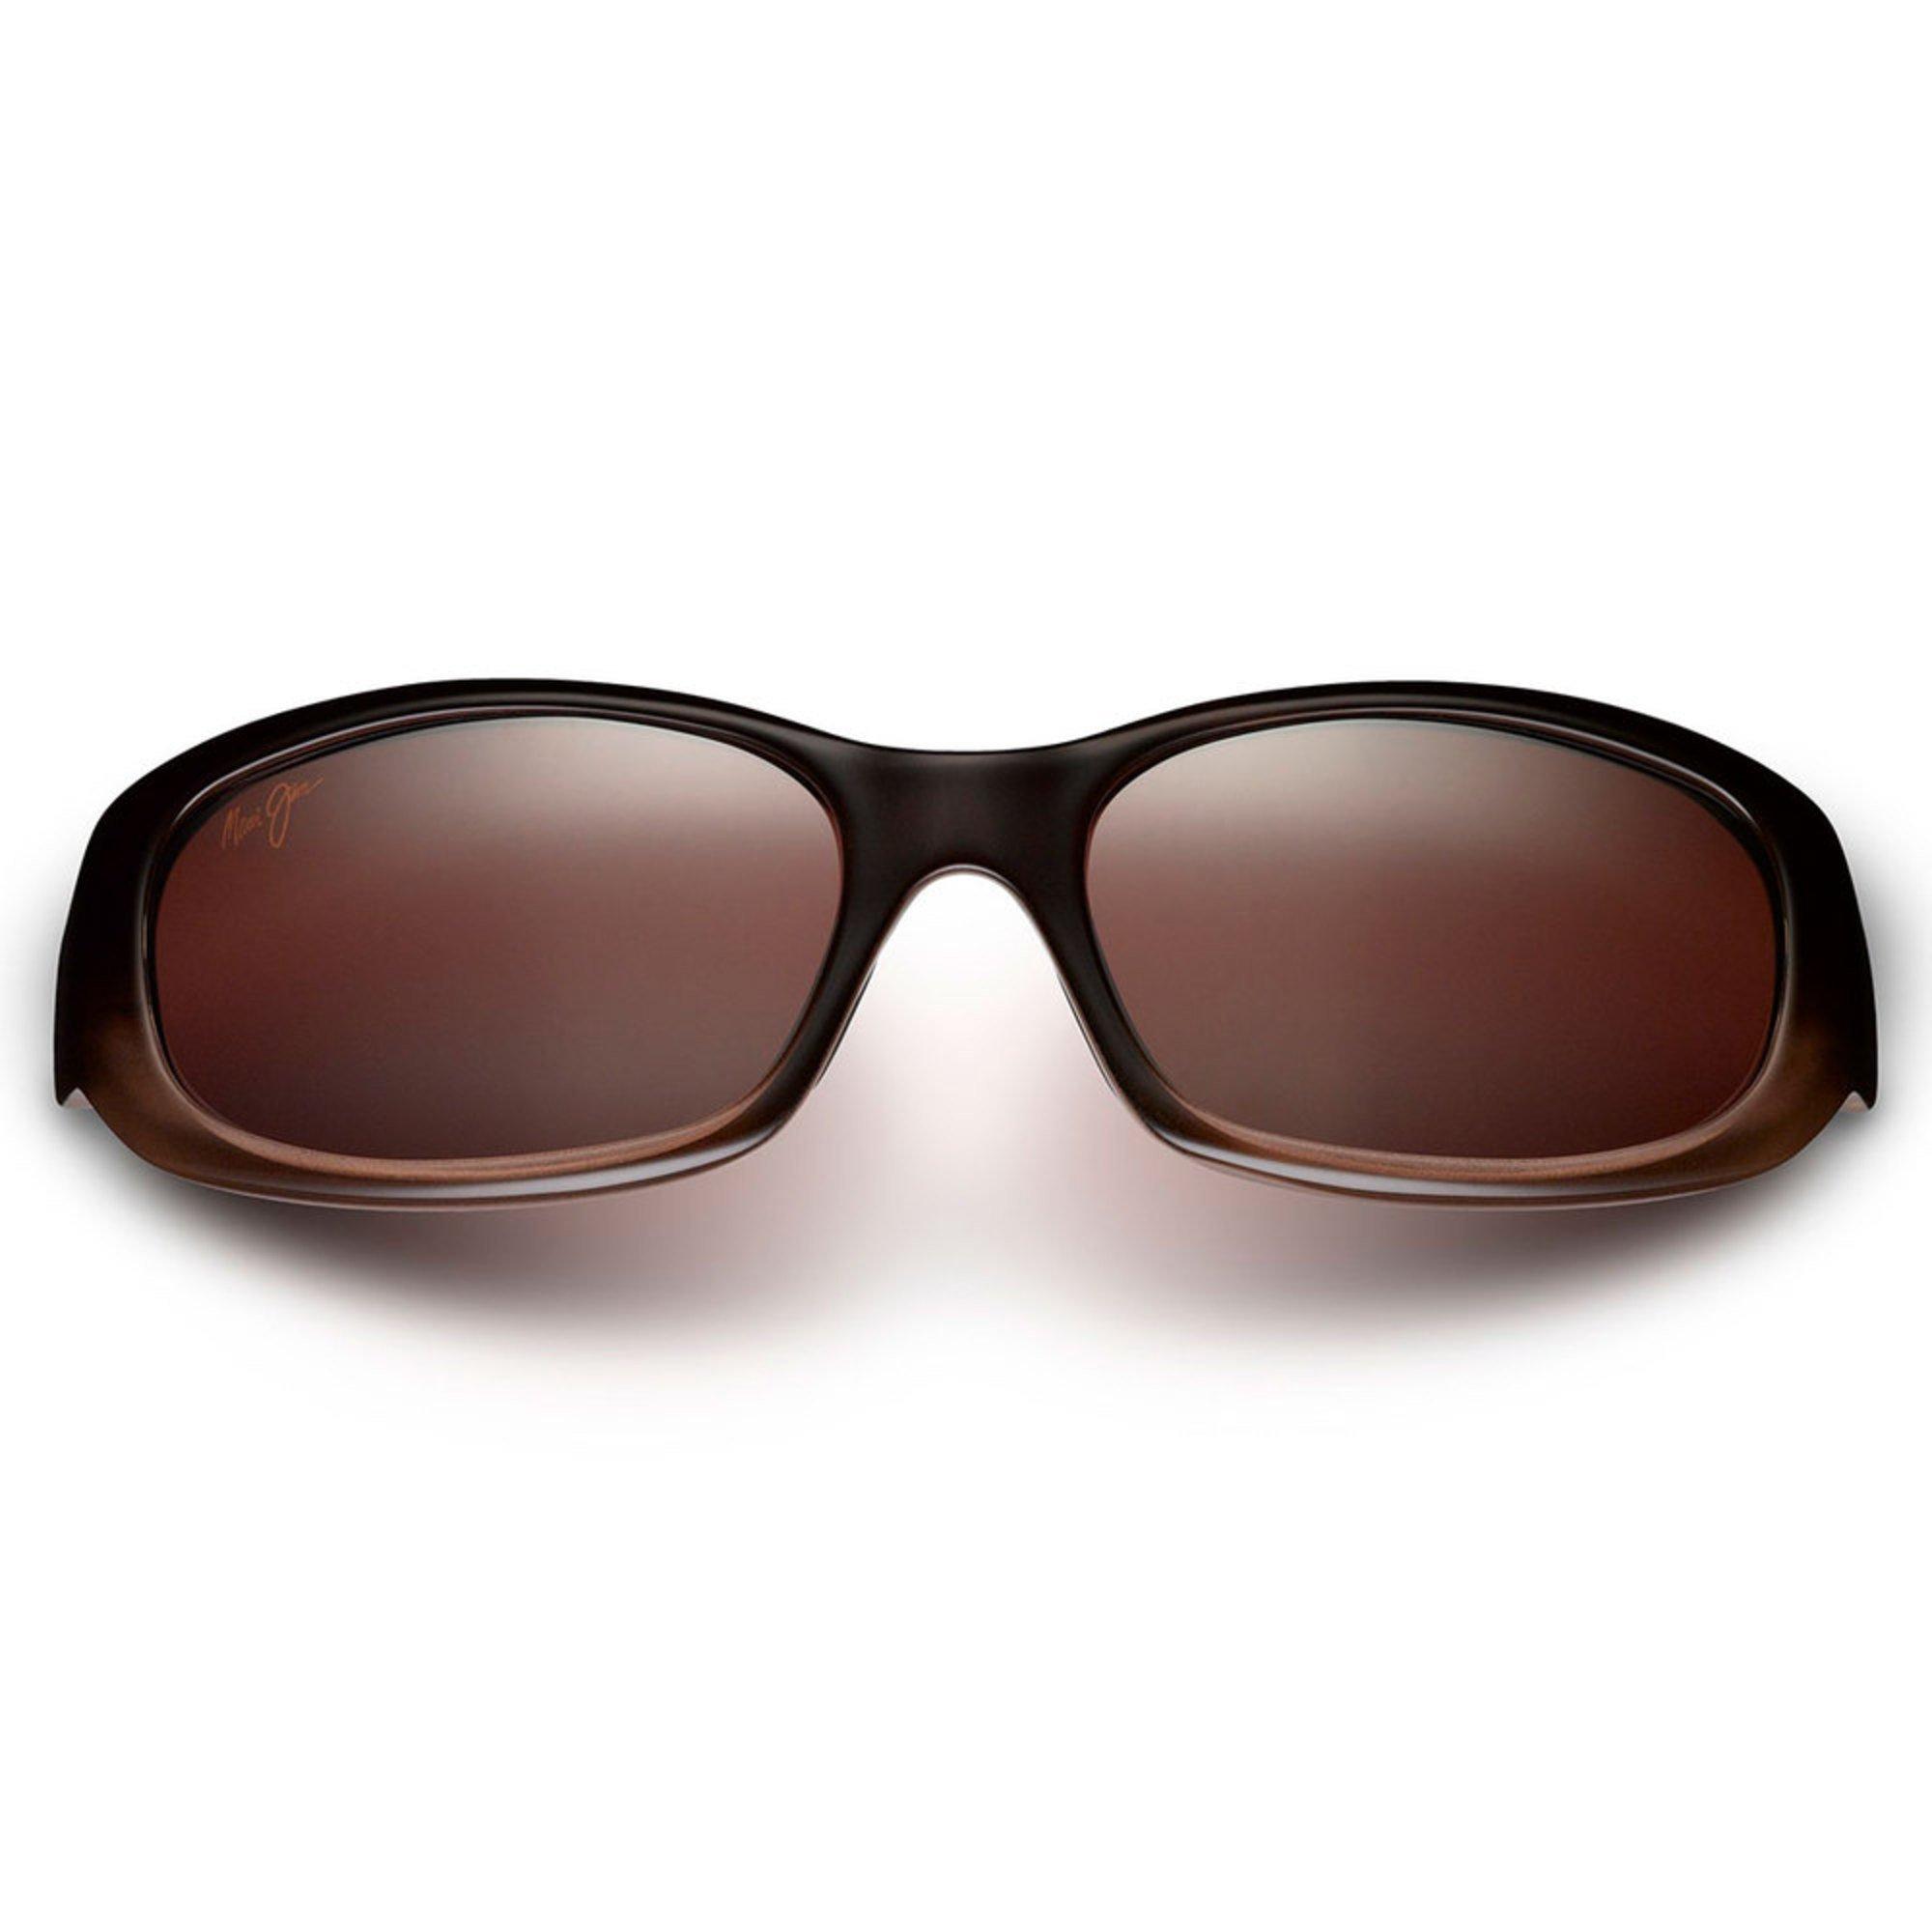 47b4616ccb Maui Jim. Maui Jim Women s Polarized Punchbowl Maui Rose Sunglasses